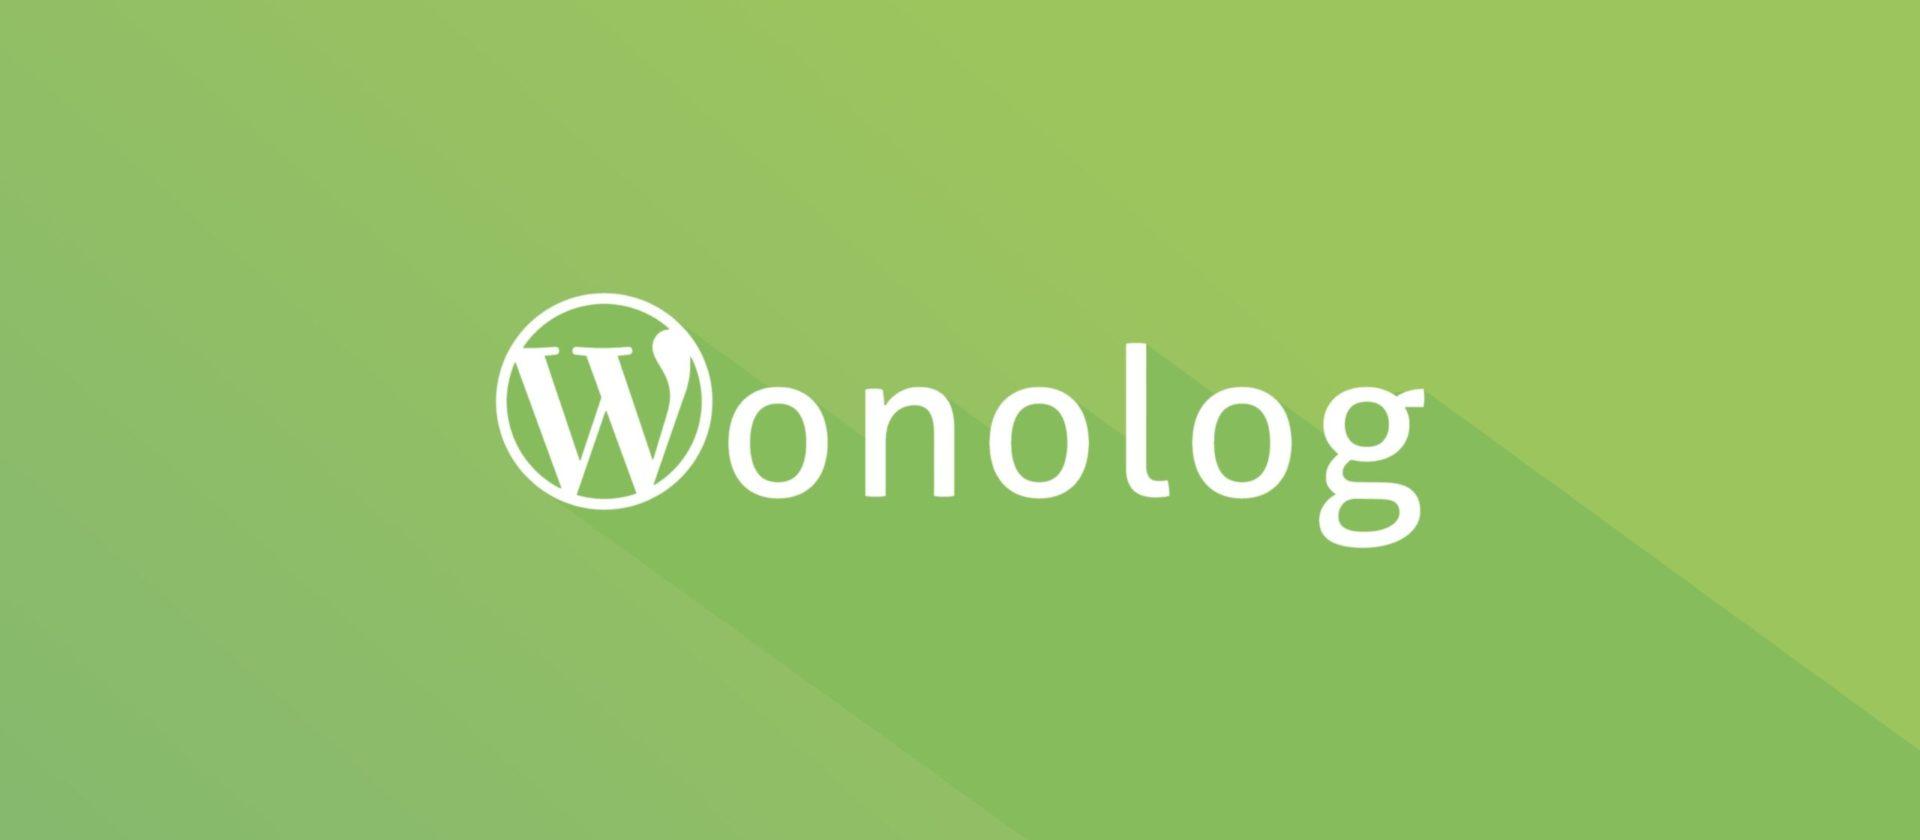 Wonolog Logo